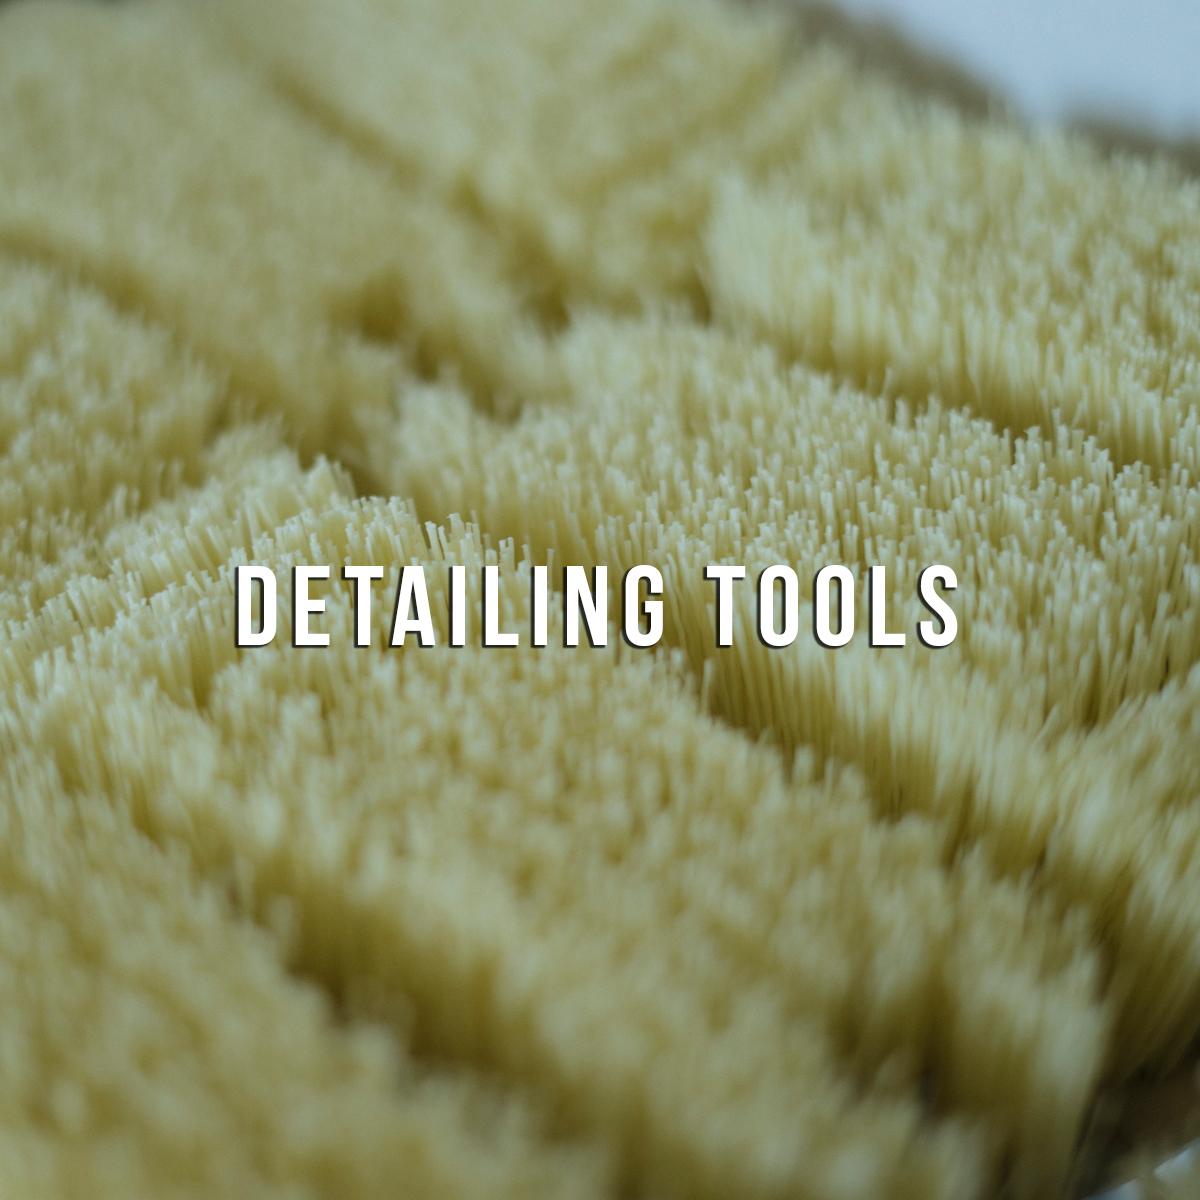 Detailing Tools.jpg